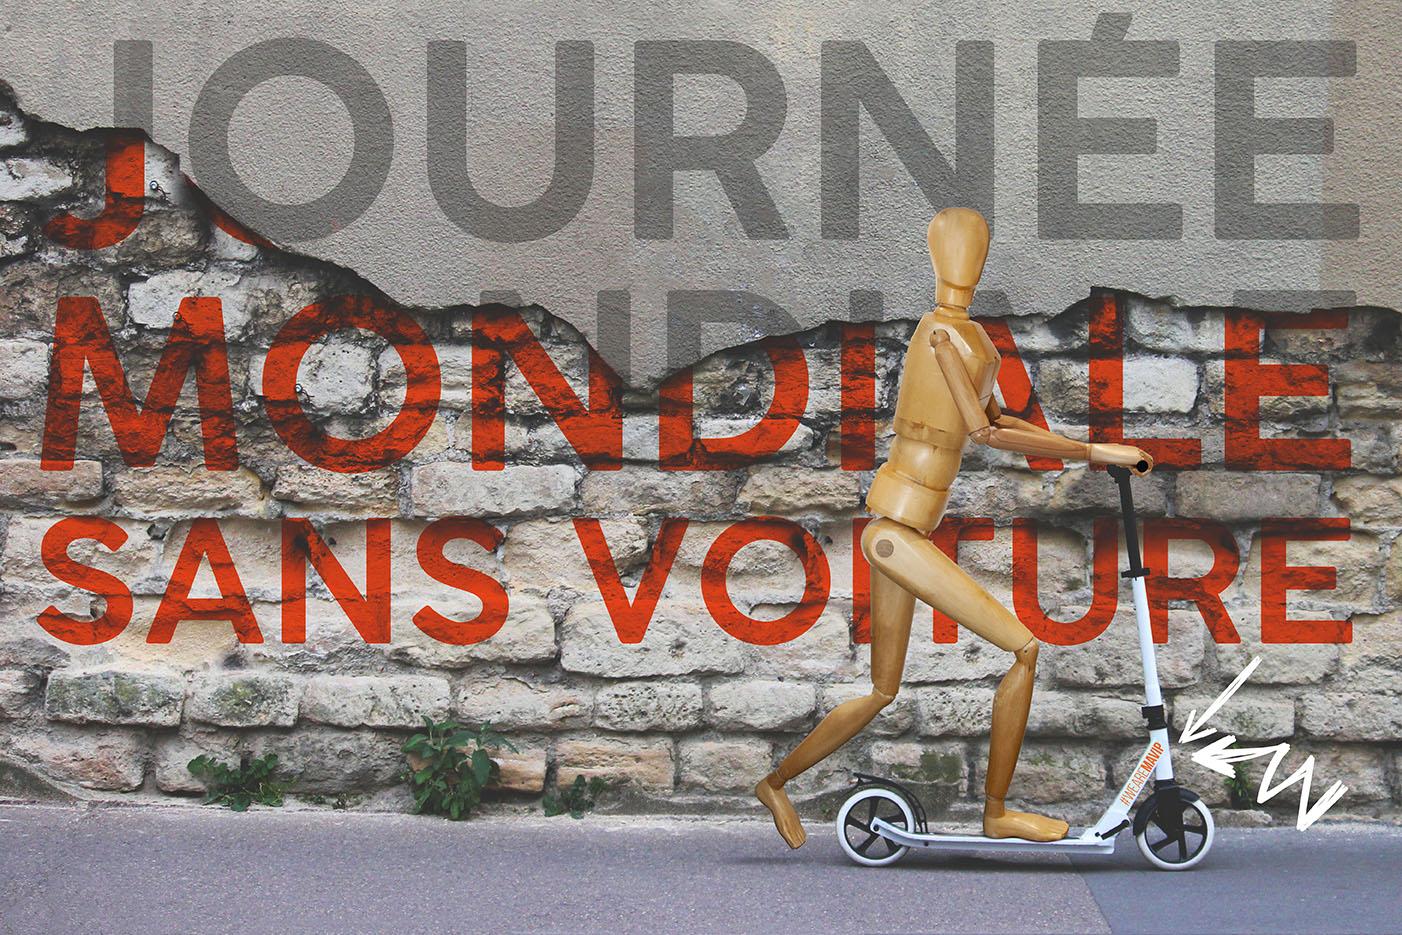 journée mondiale sans voiture by Mavip